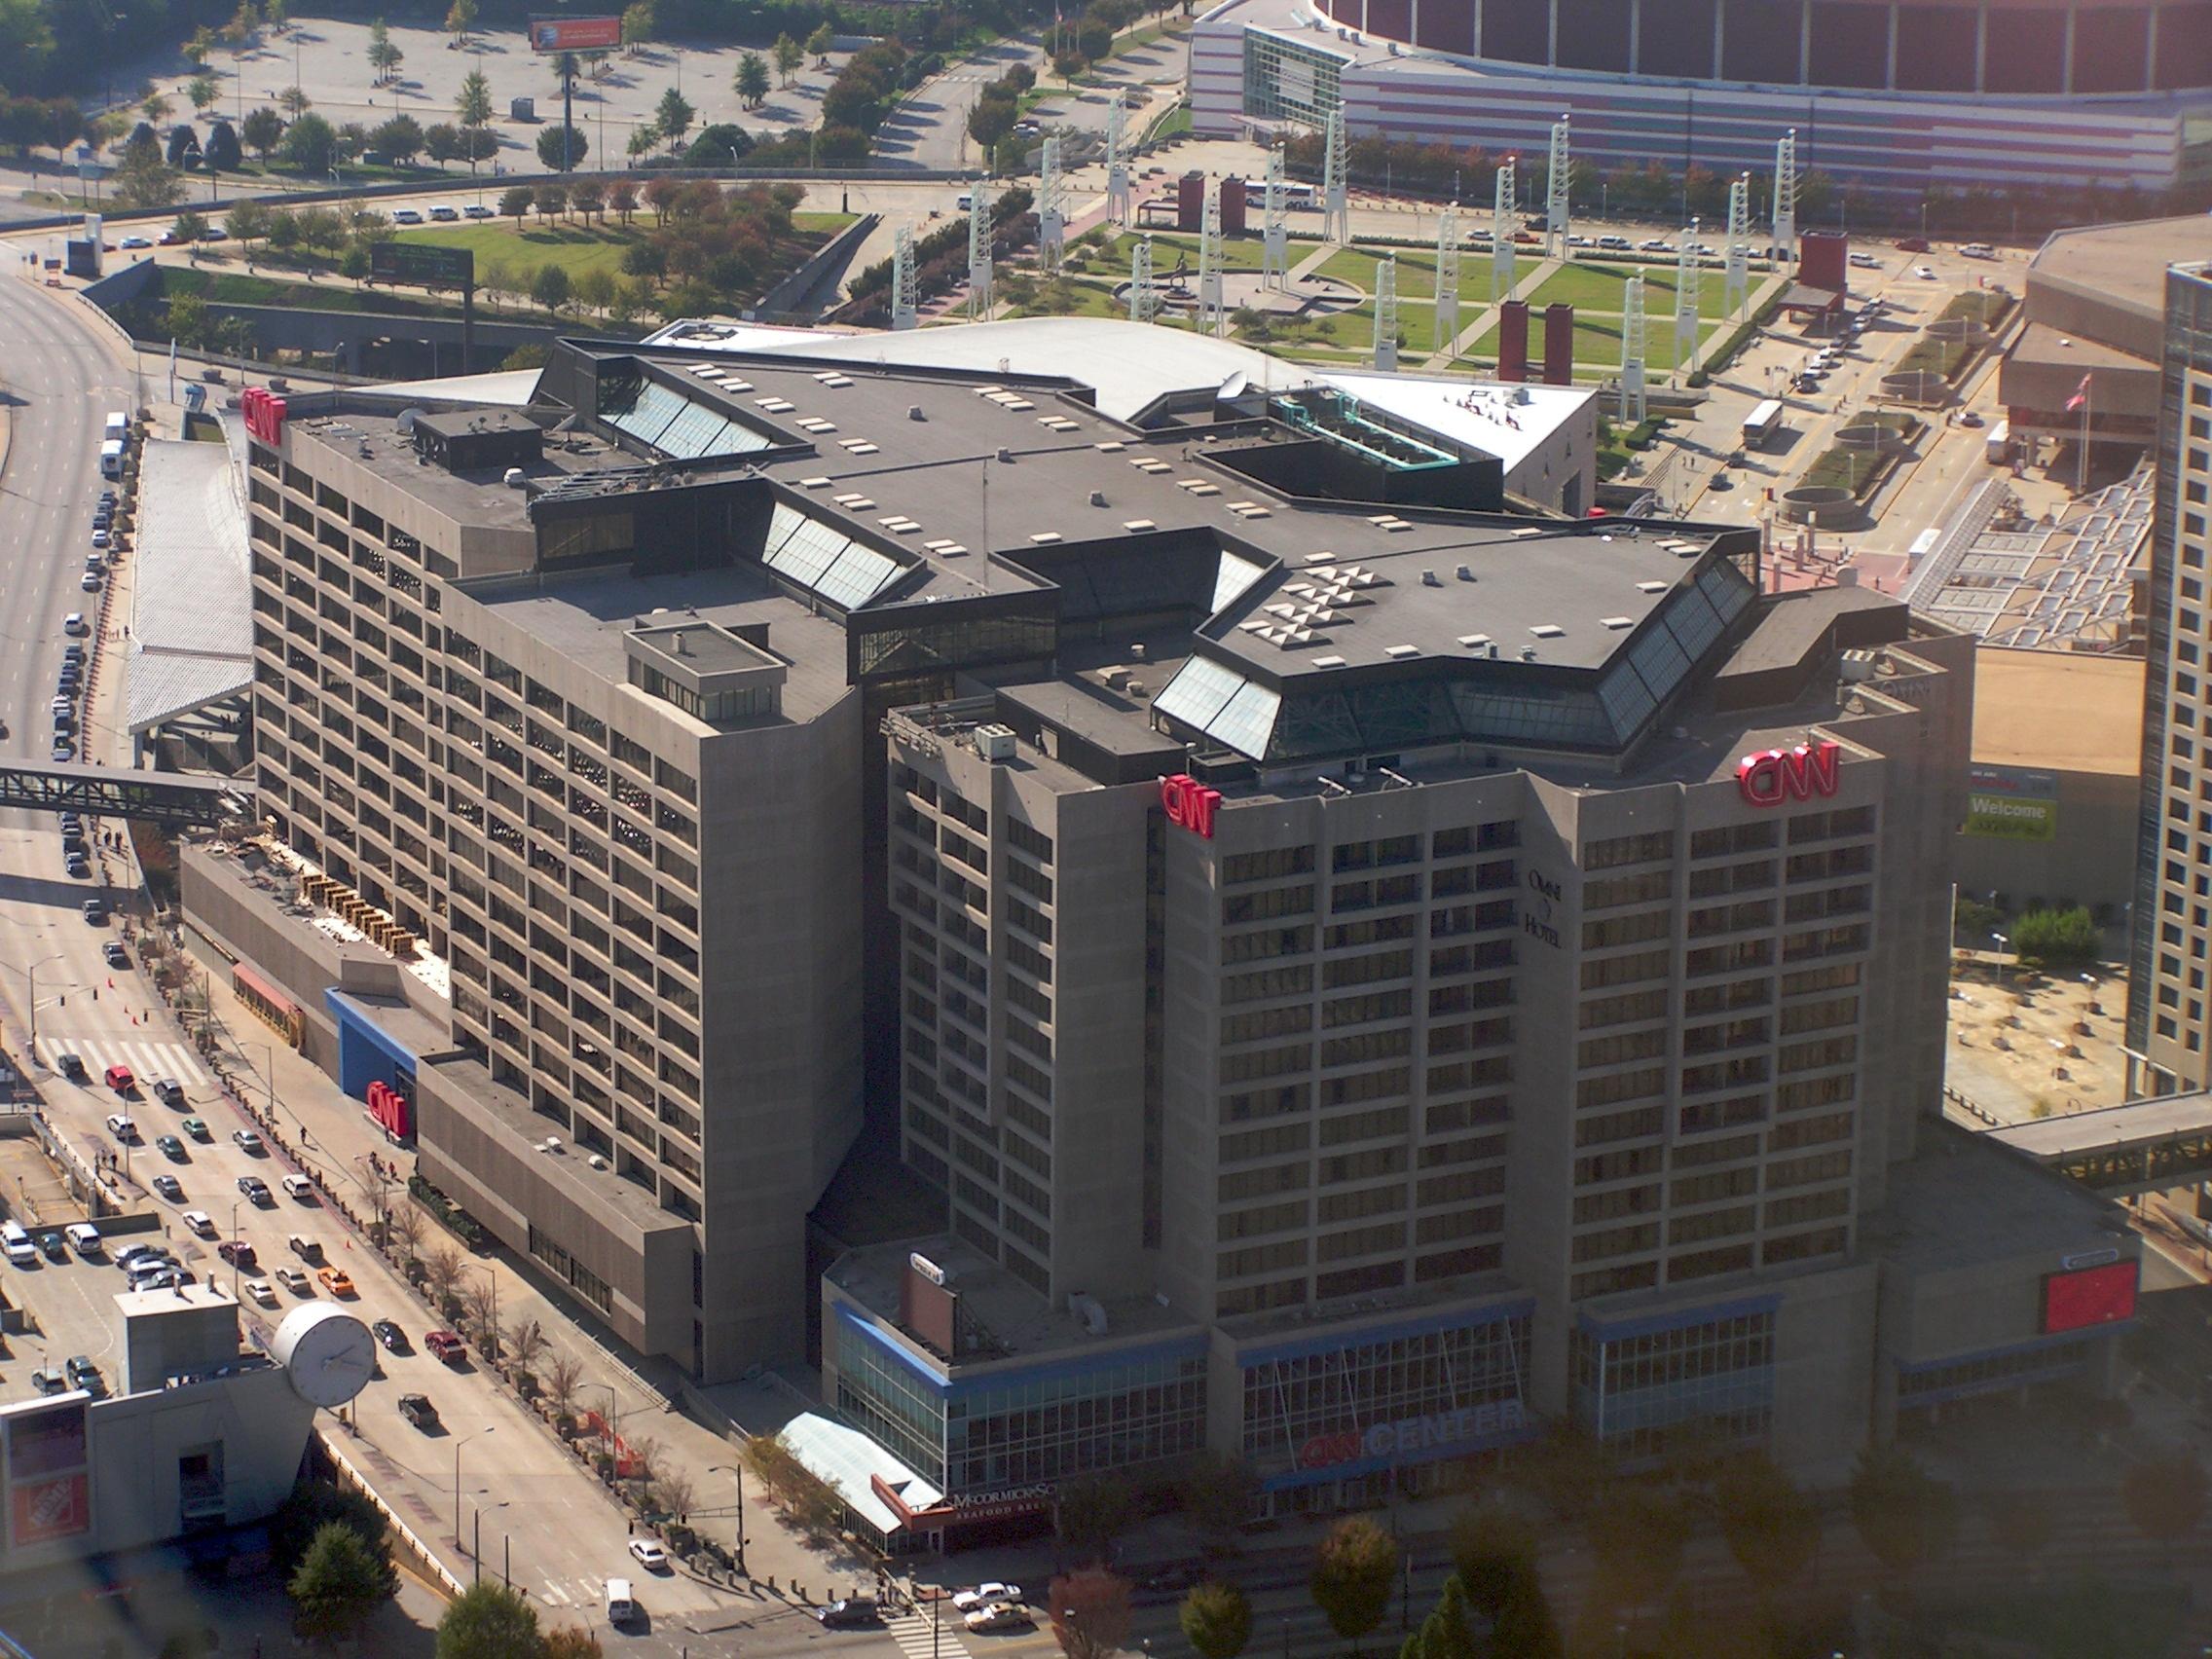 مقر اصلی سی ان ان در آتلانتای آمریکا